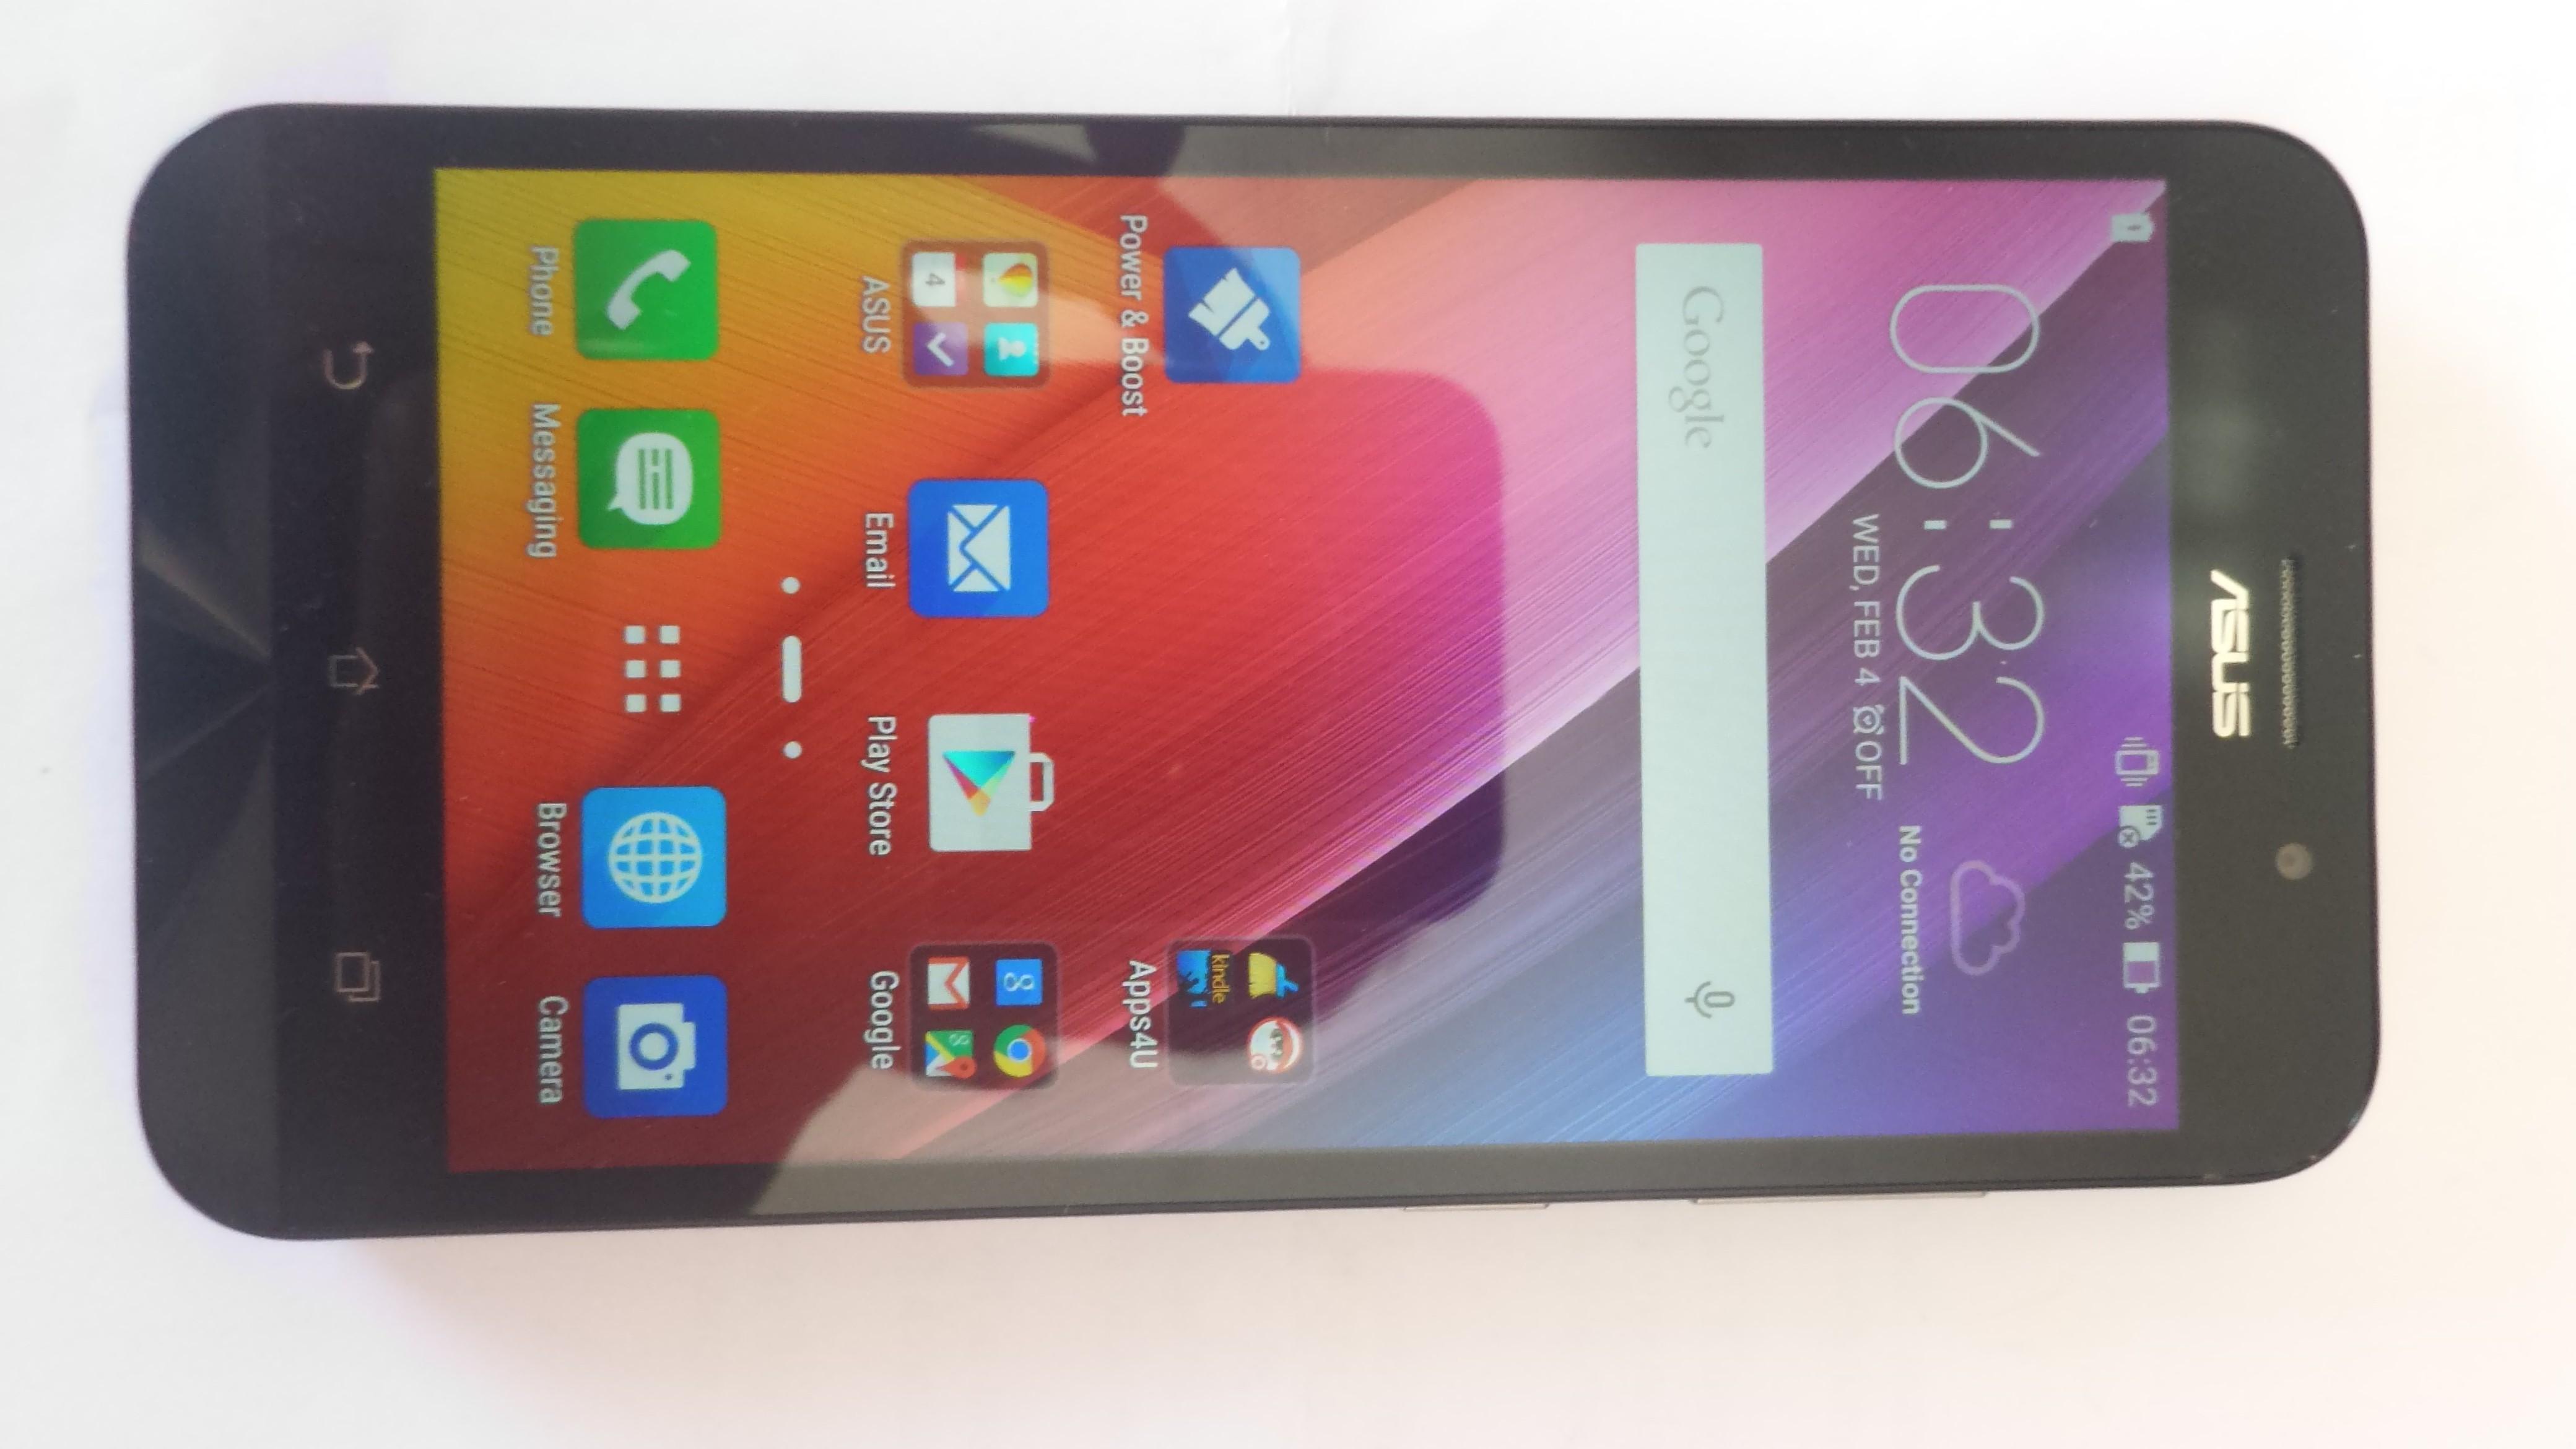 ASUS Zenfone Max display